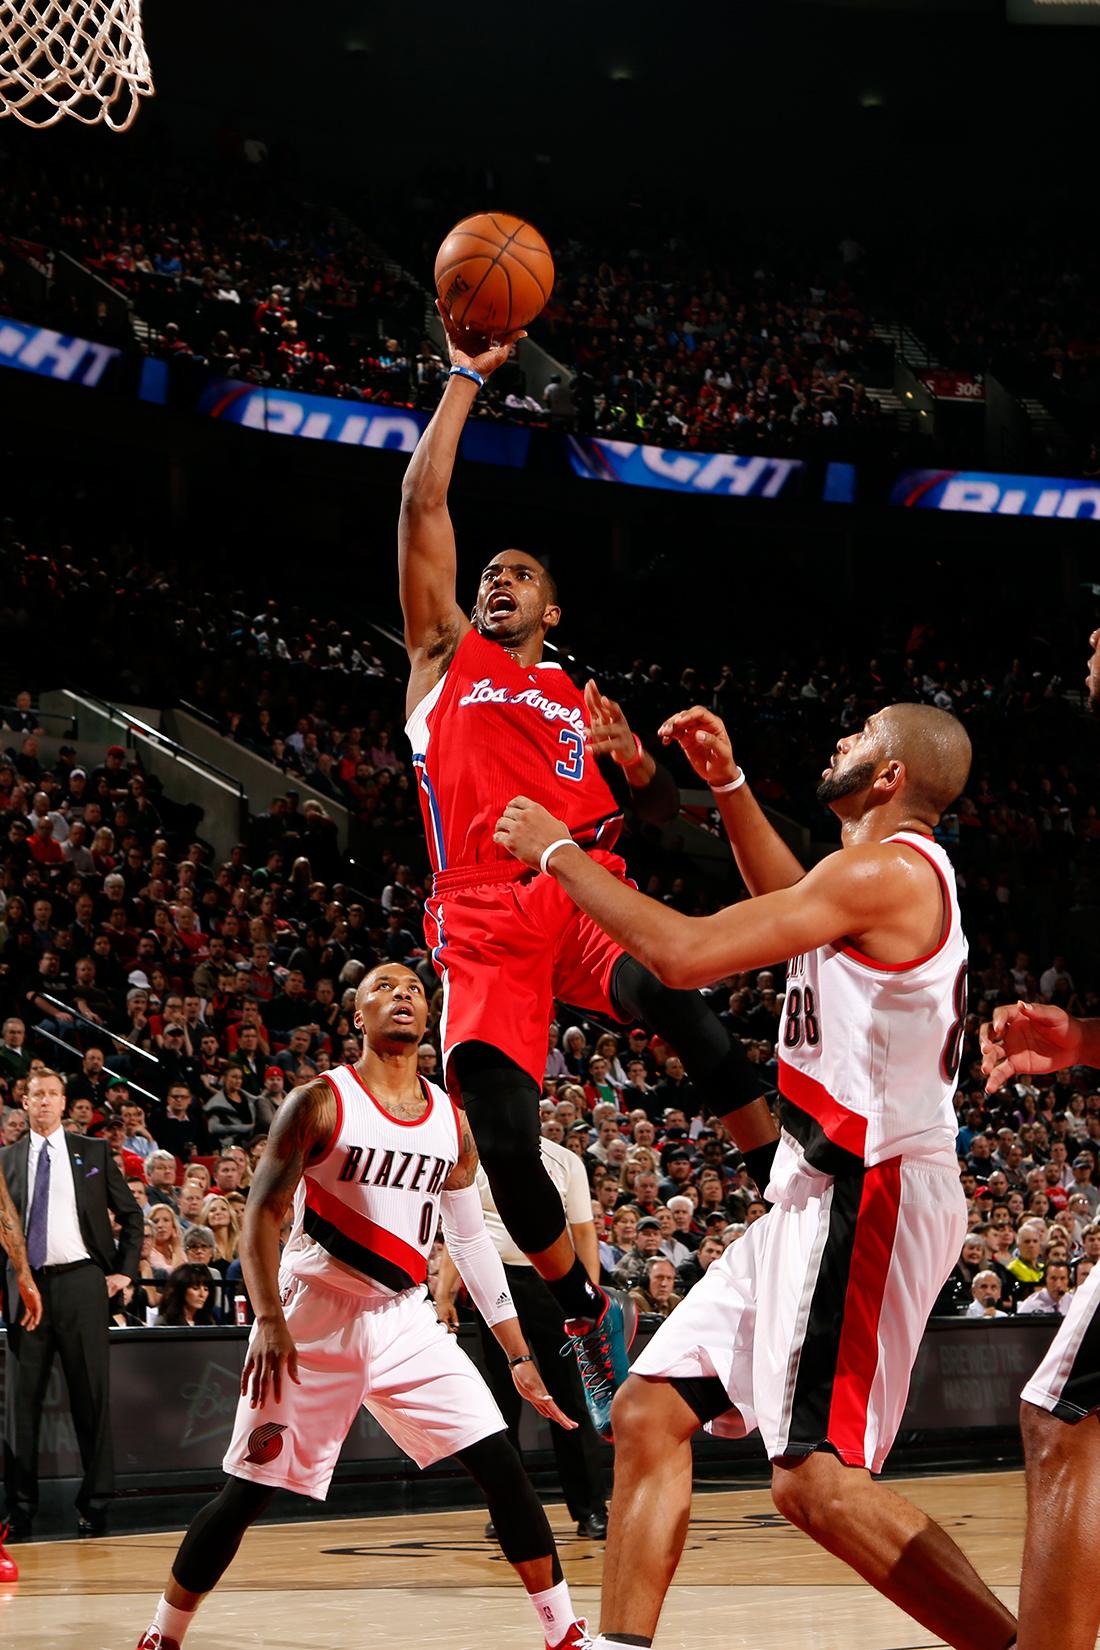 Miércoles de locura en la NBA por viva basquet